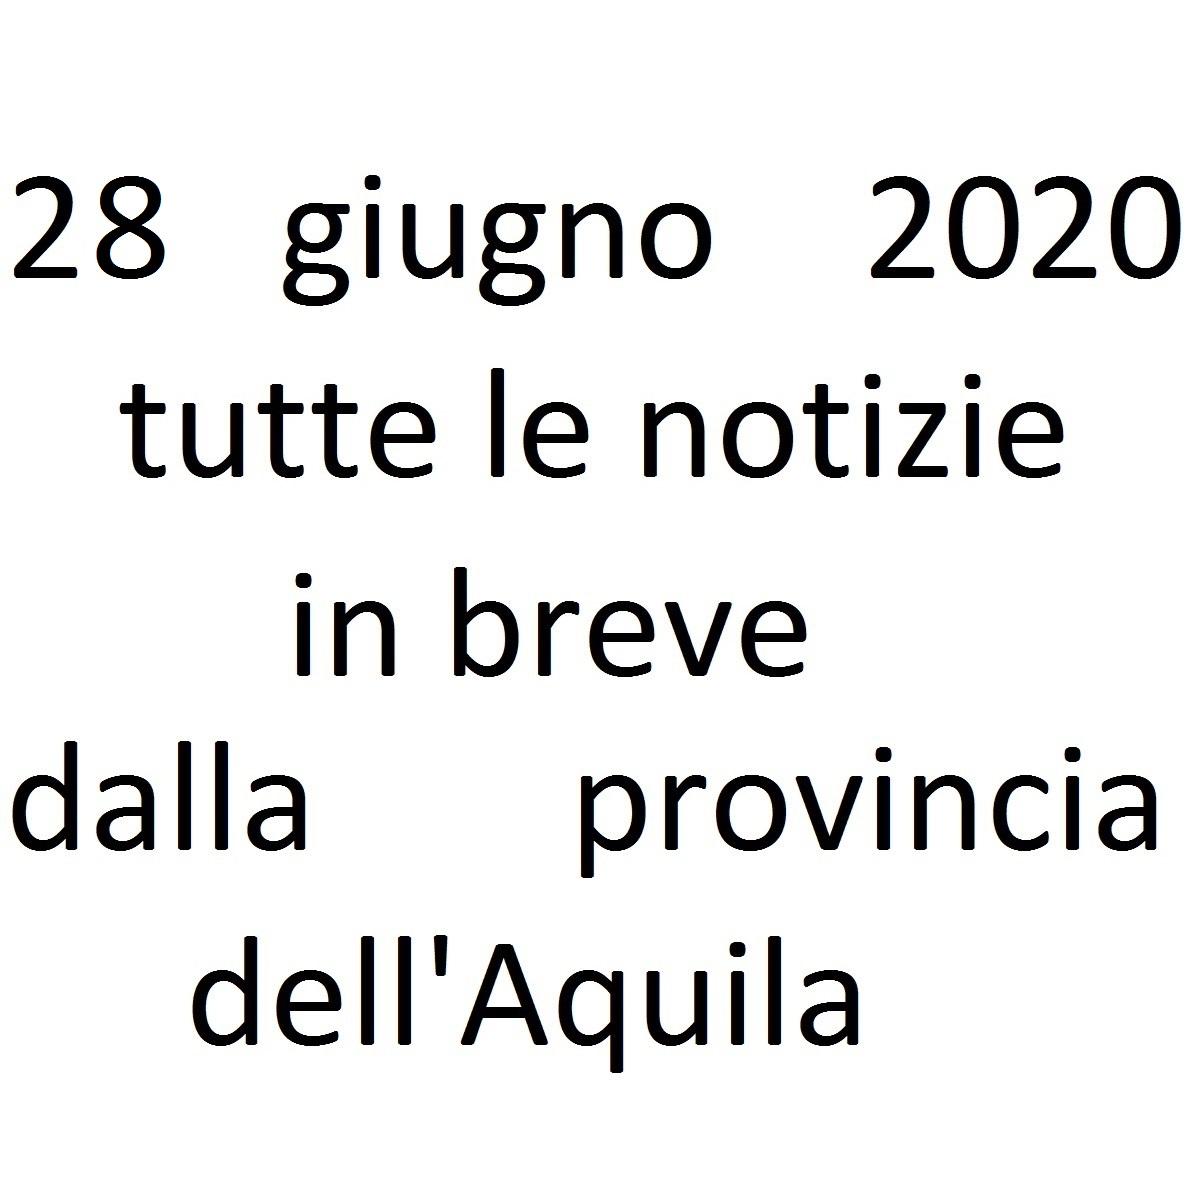 28 giugno 2020 notizie in breve dalla Provincia dell'Aquila foto